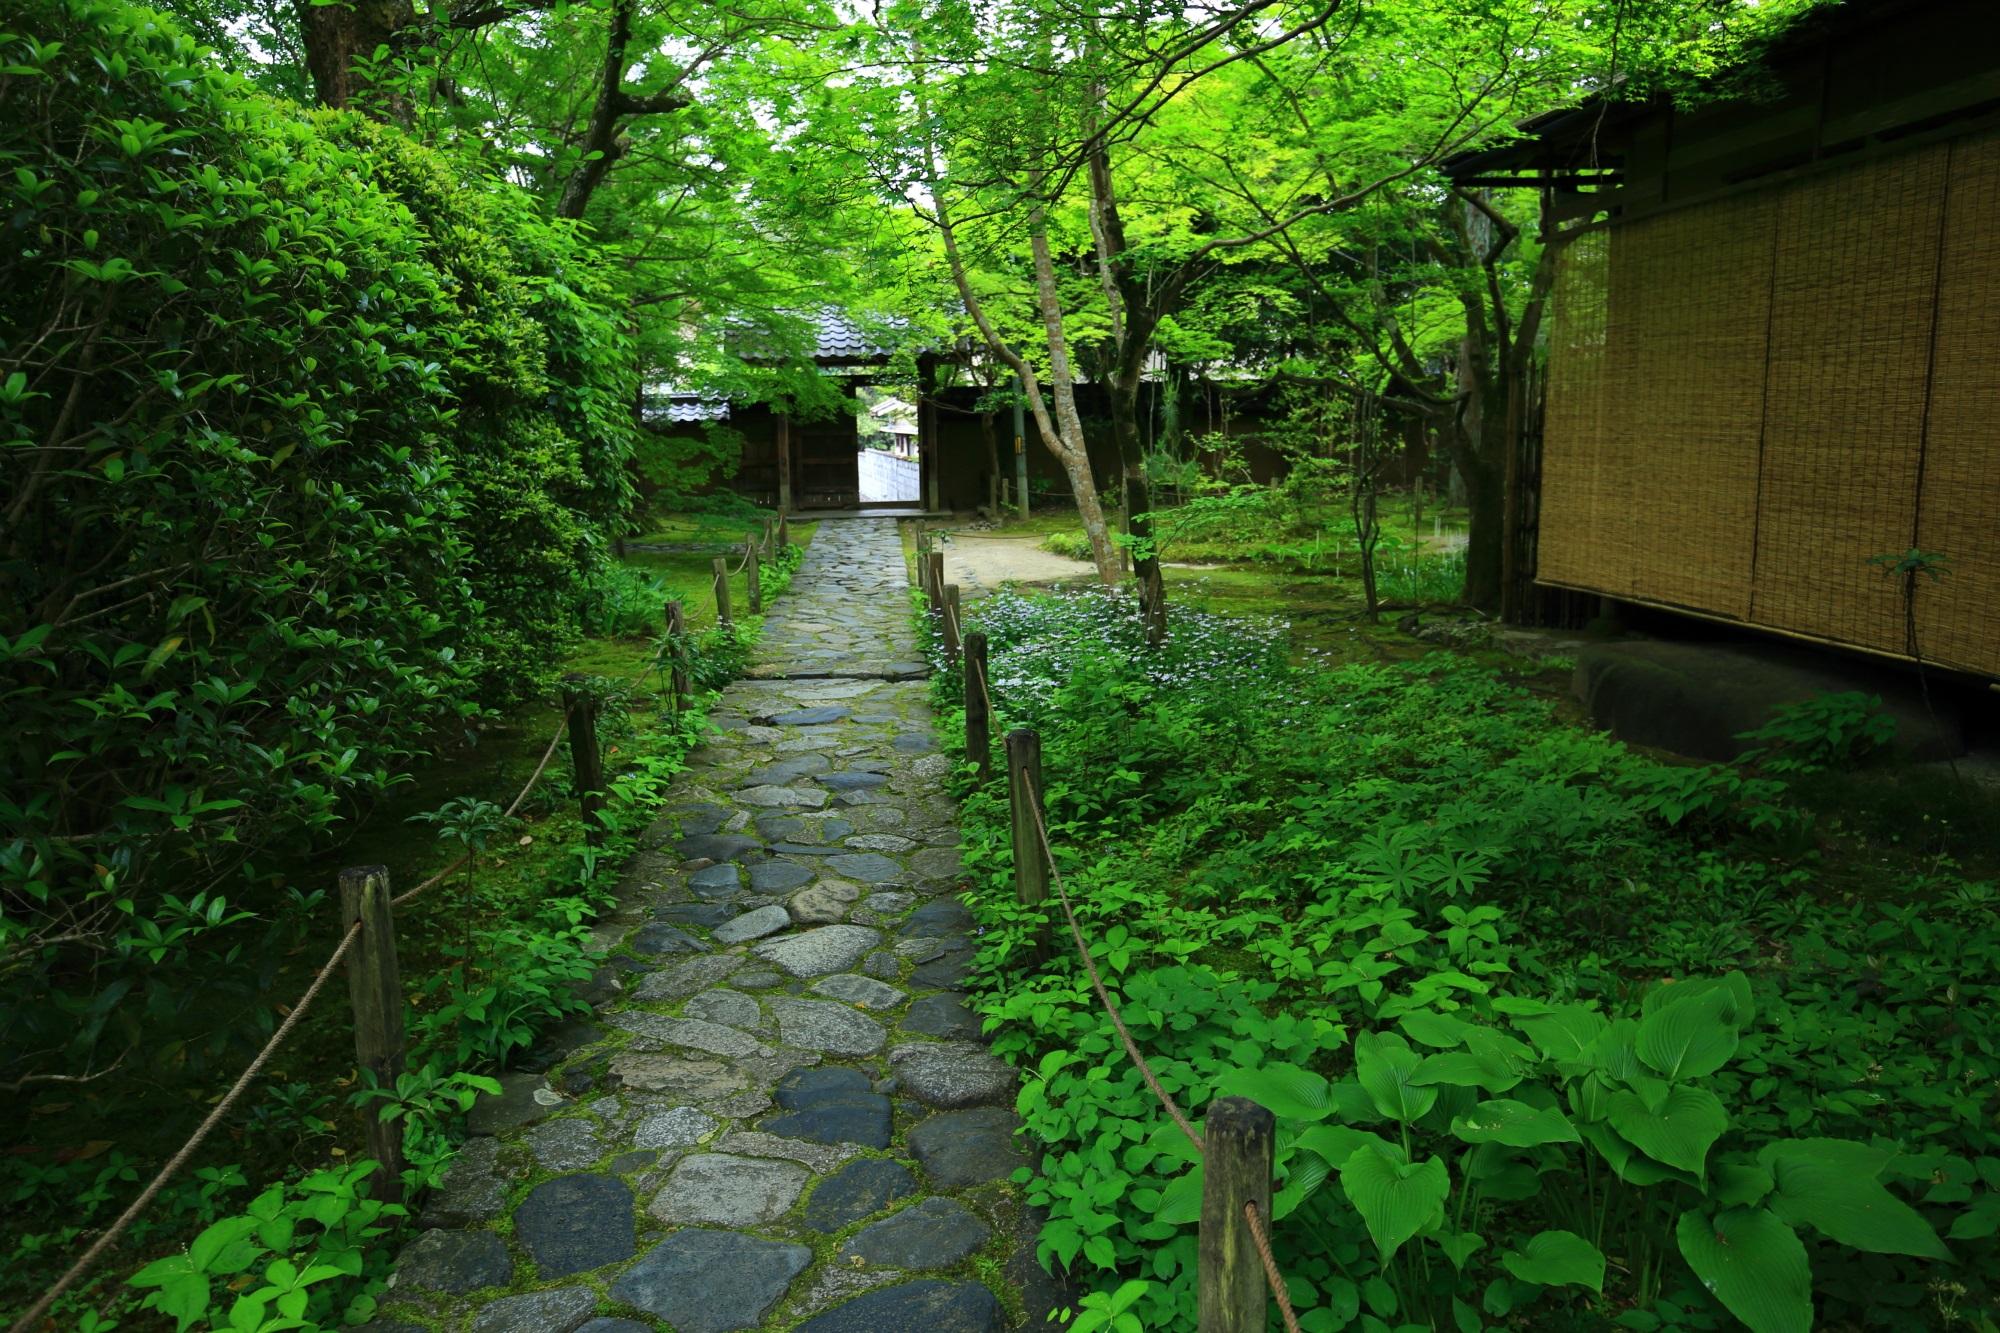 京都蓮華寺の苔と緑につつまれた参道